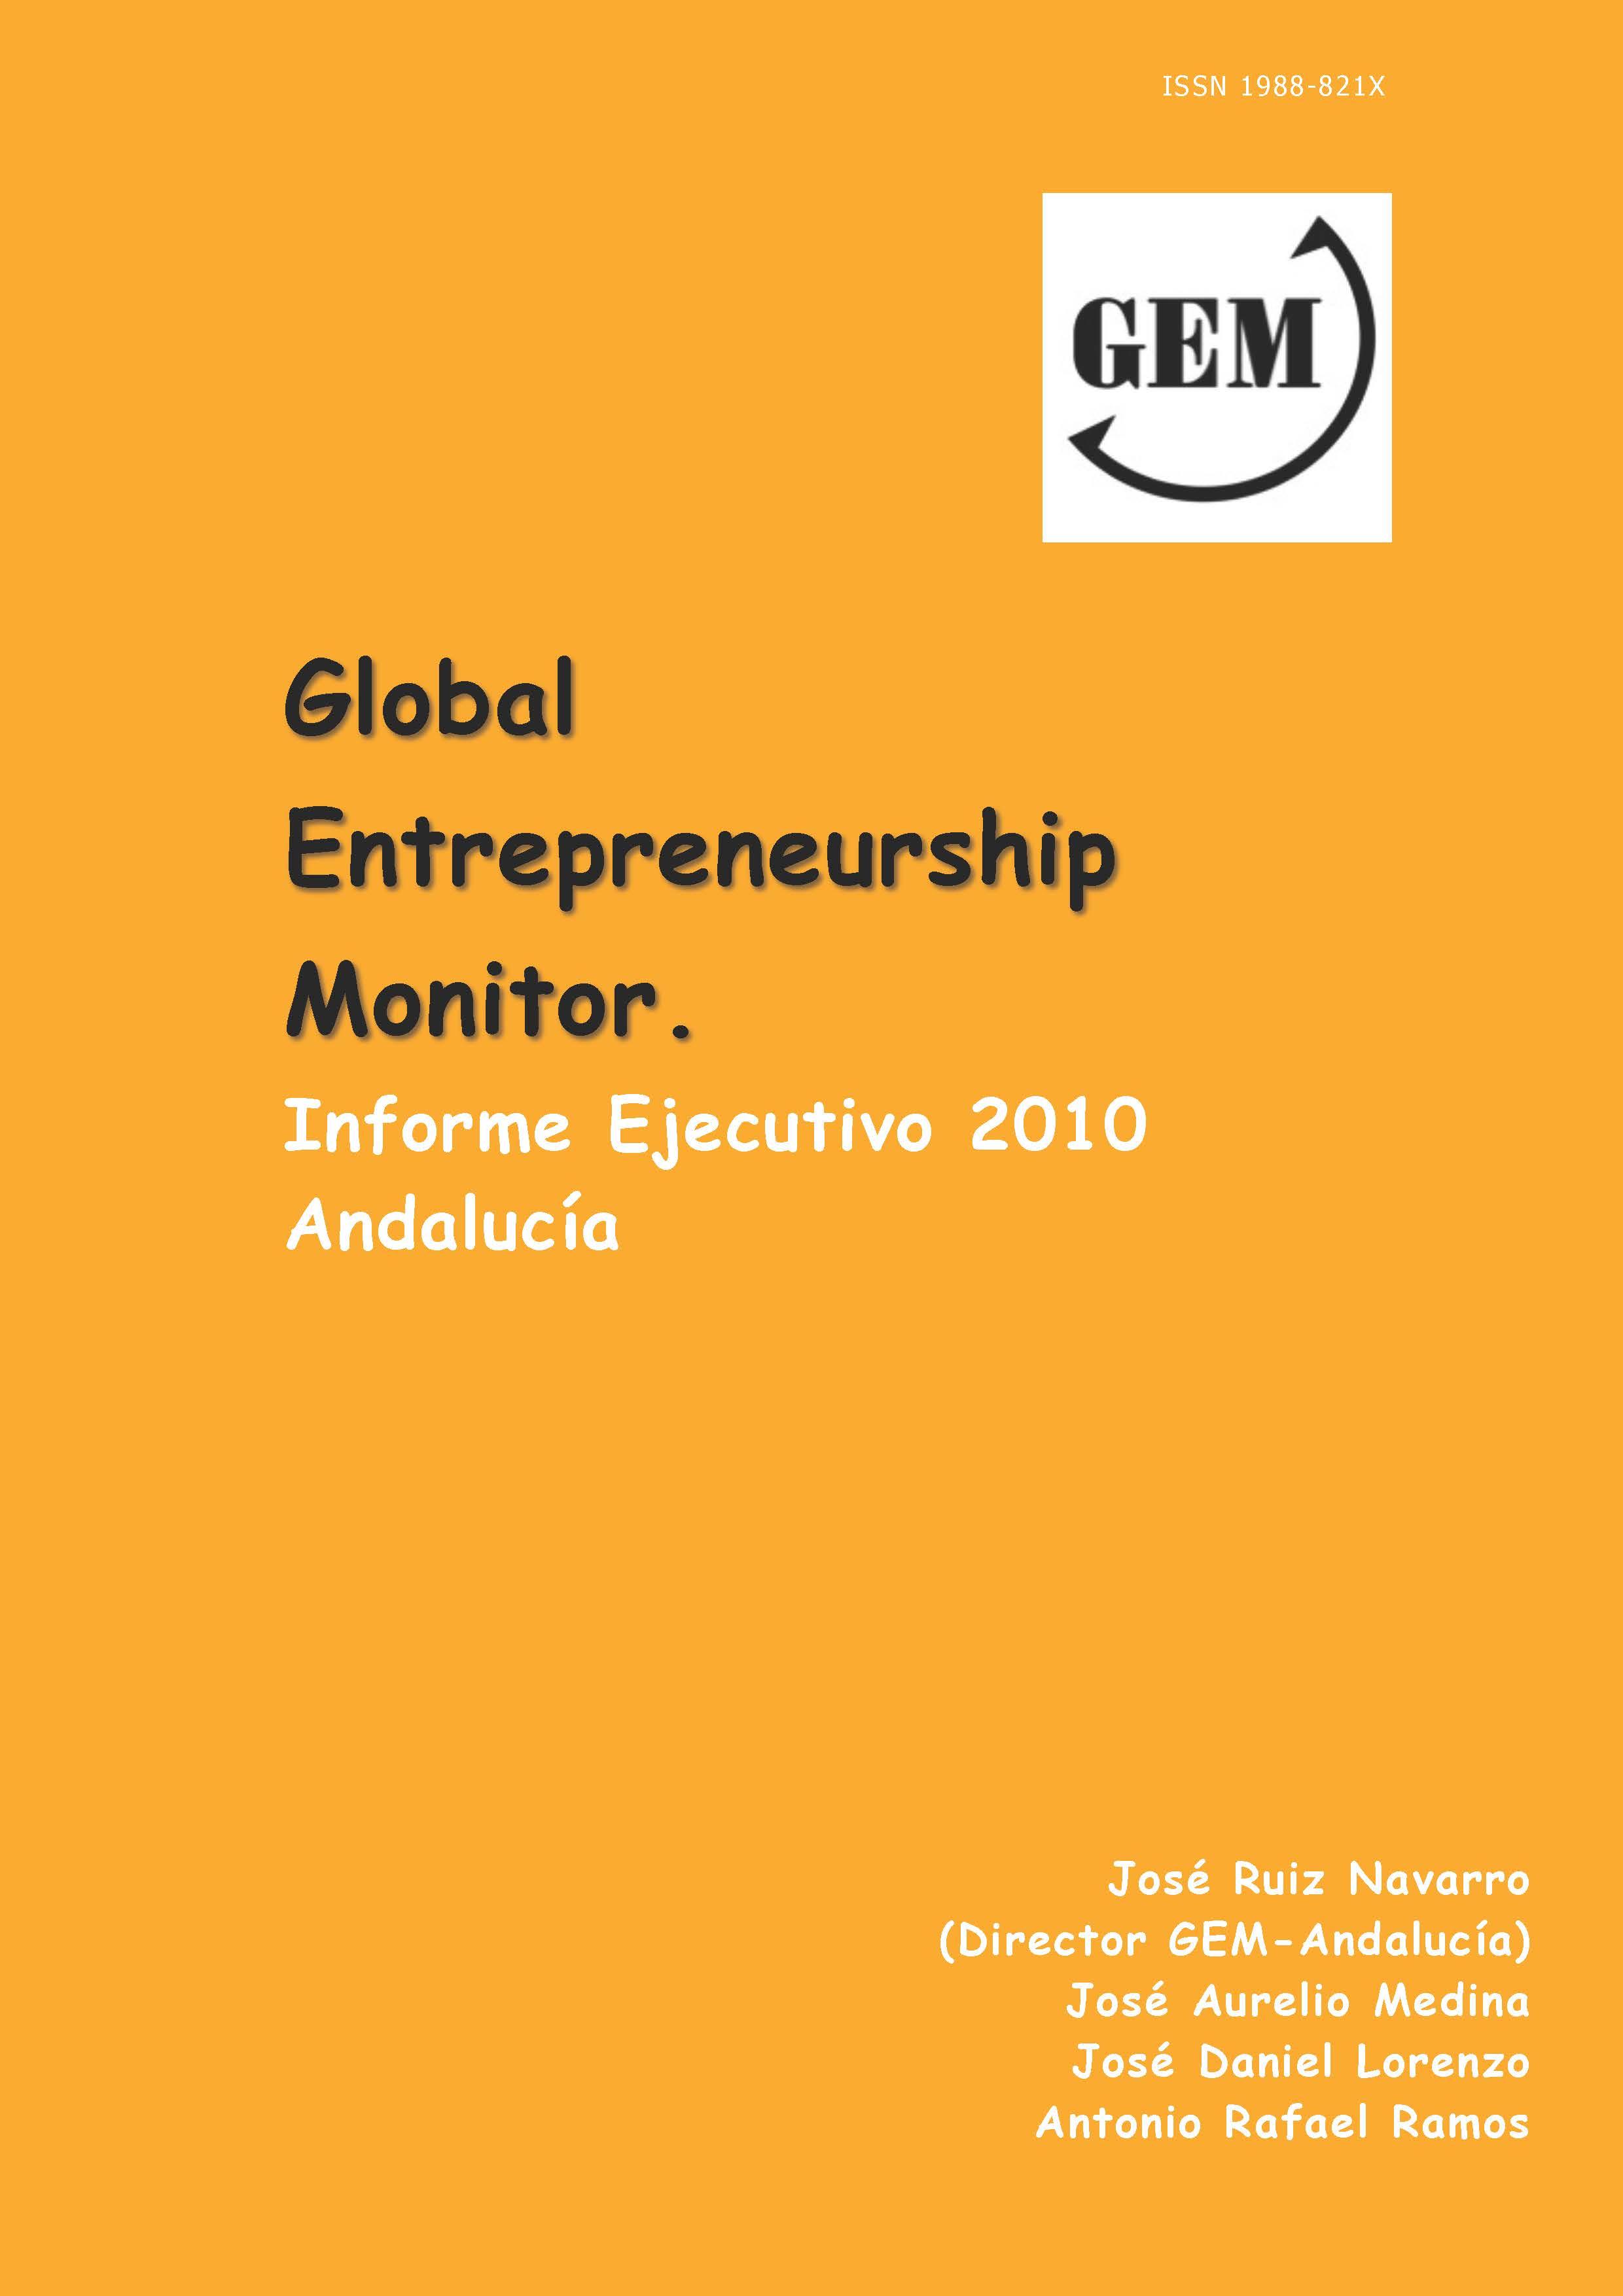 informe_gem_andalucia_2010